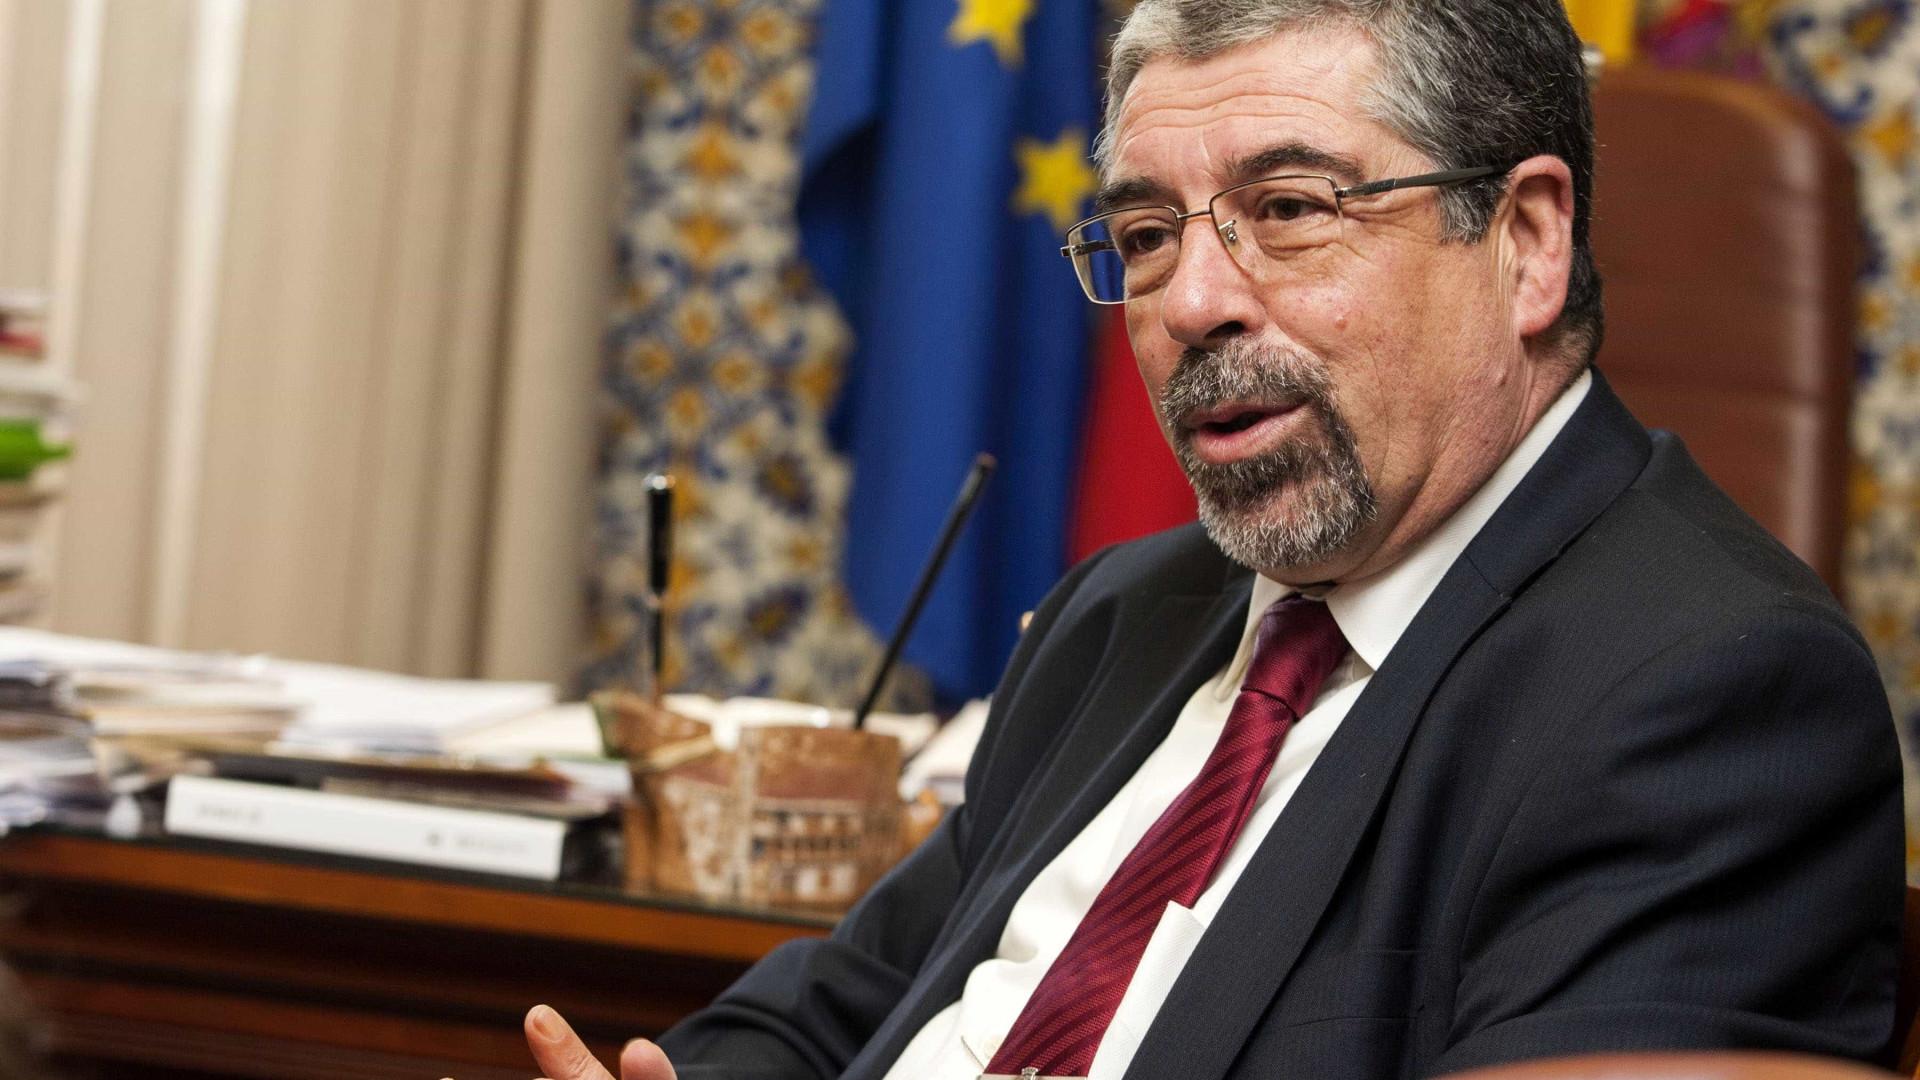 Municípios querem maior participação do poder local nos fundos europeus